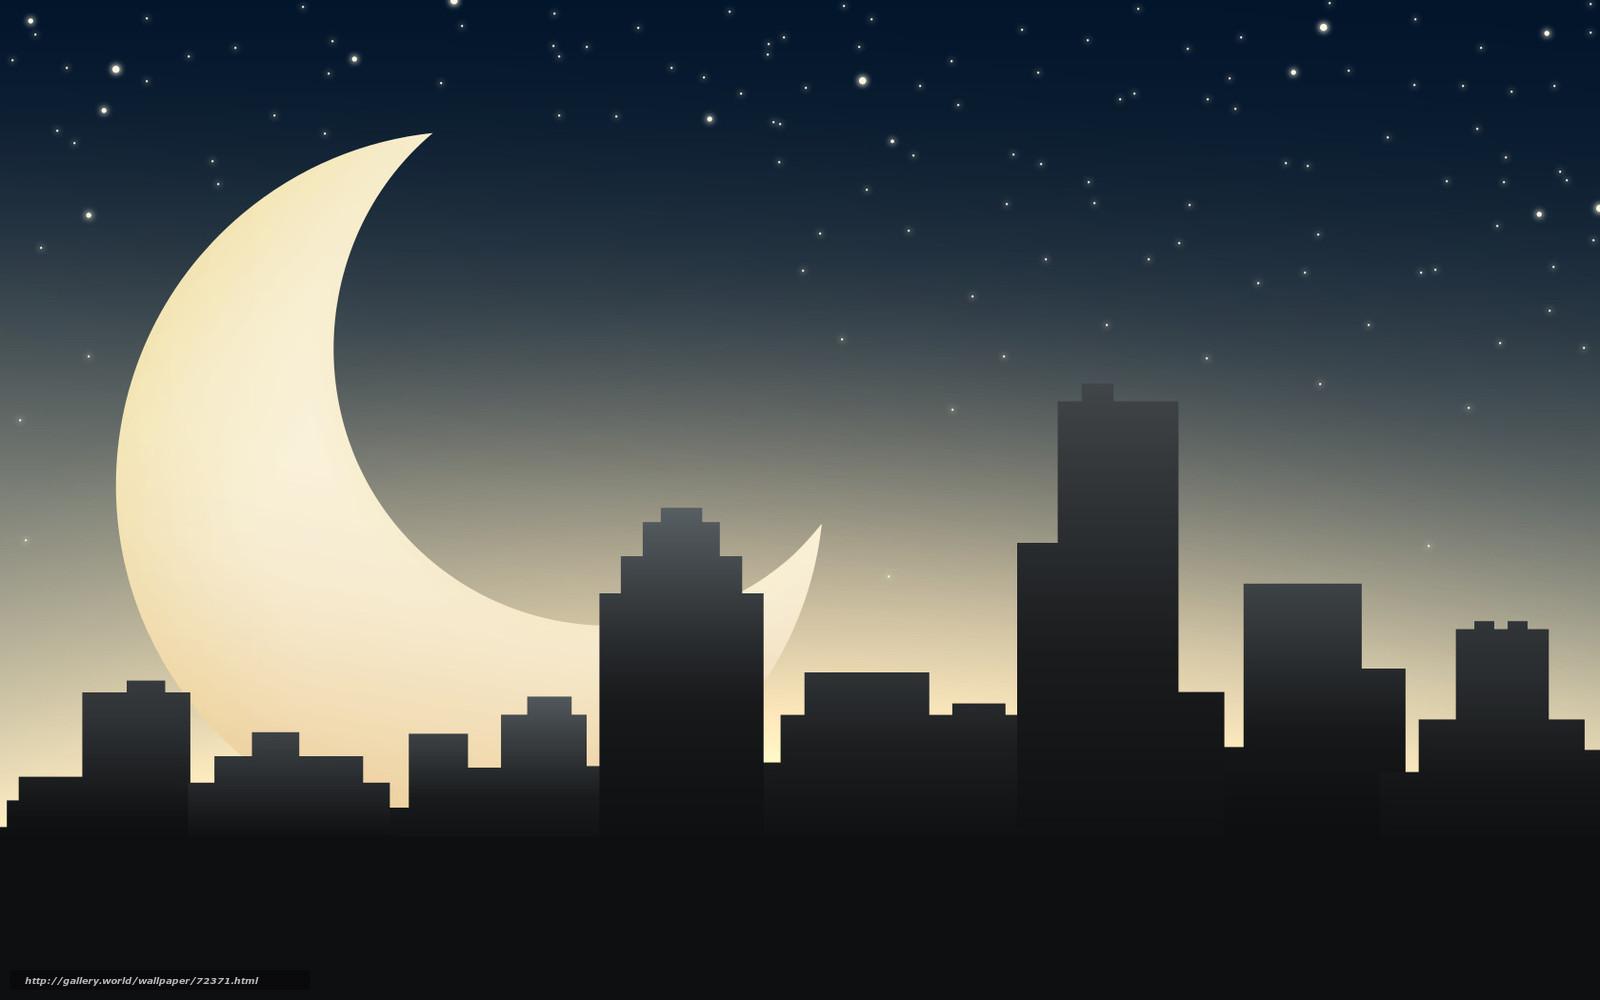 saludos buenas noches